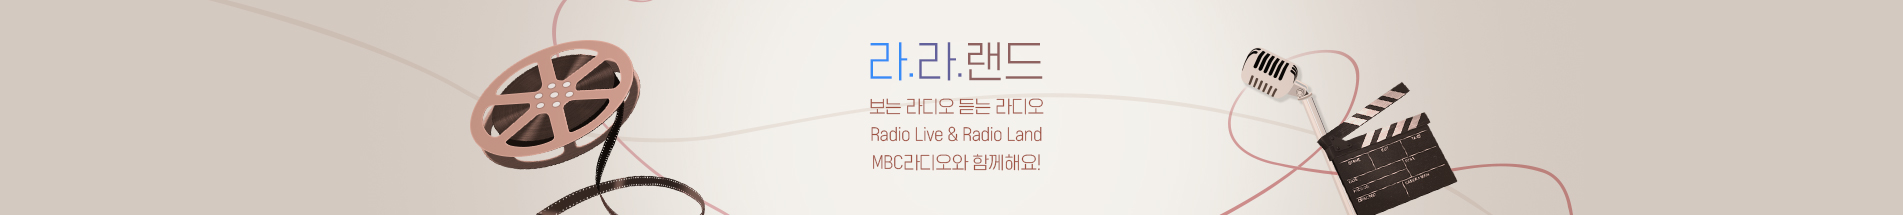 보는라디오 듣는라디오 Radio Live & Radio Land MBC 라디오와 함께해요!